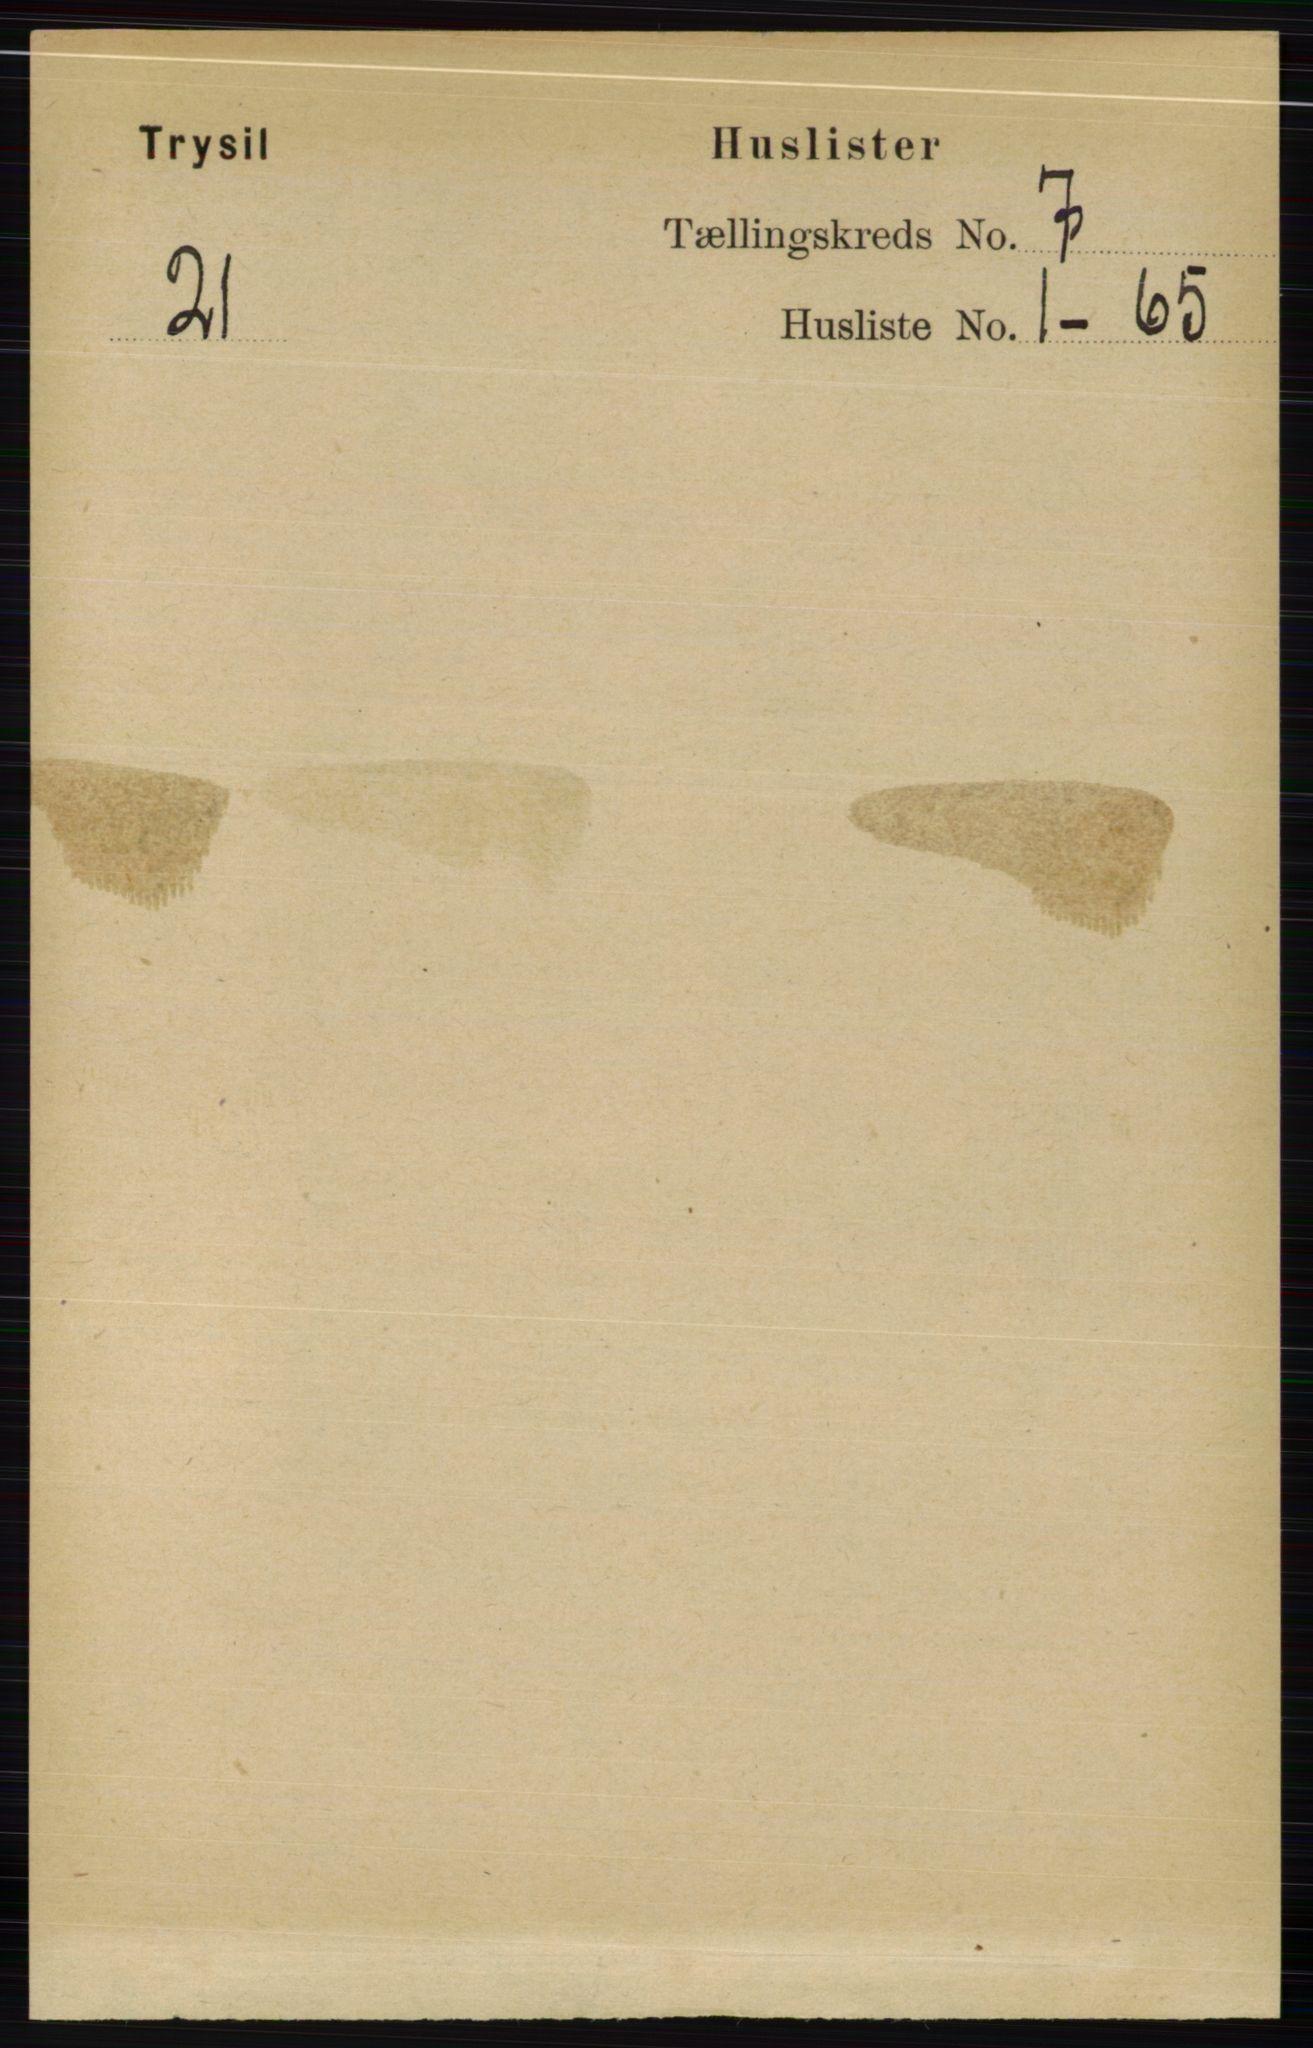 RA, Folketelling 1891 for 0428 Trysil herred, 1891, s. 3071